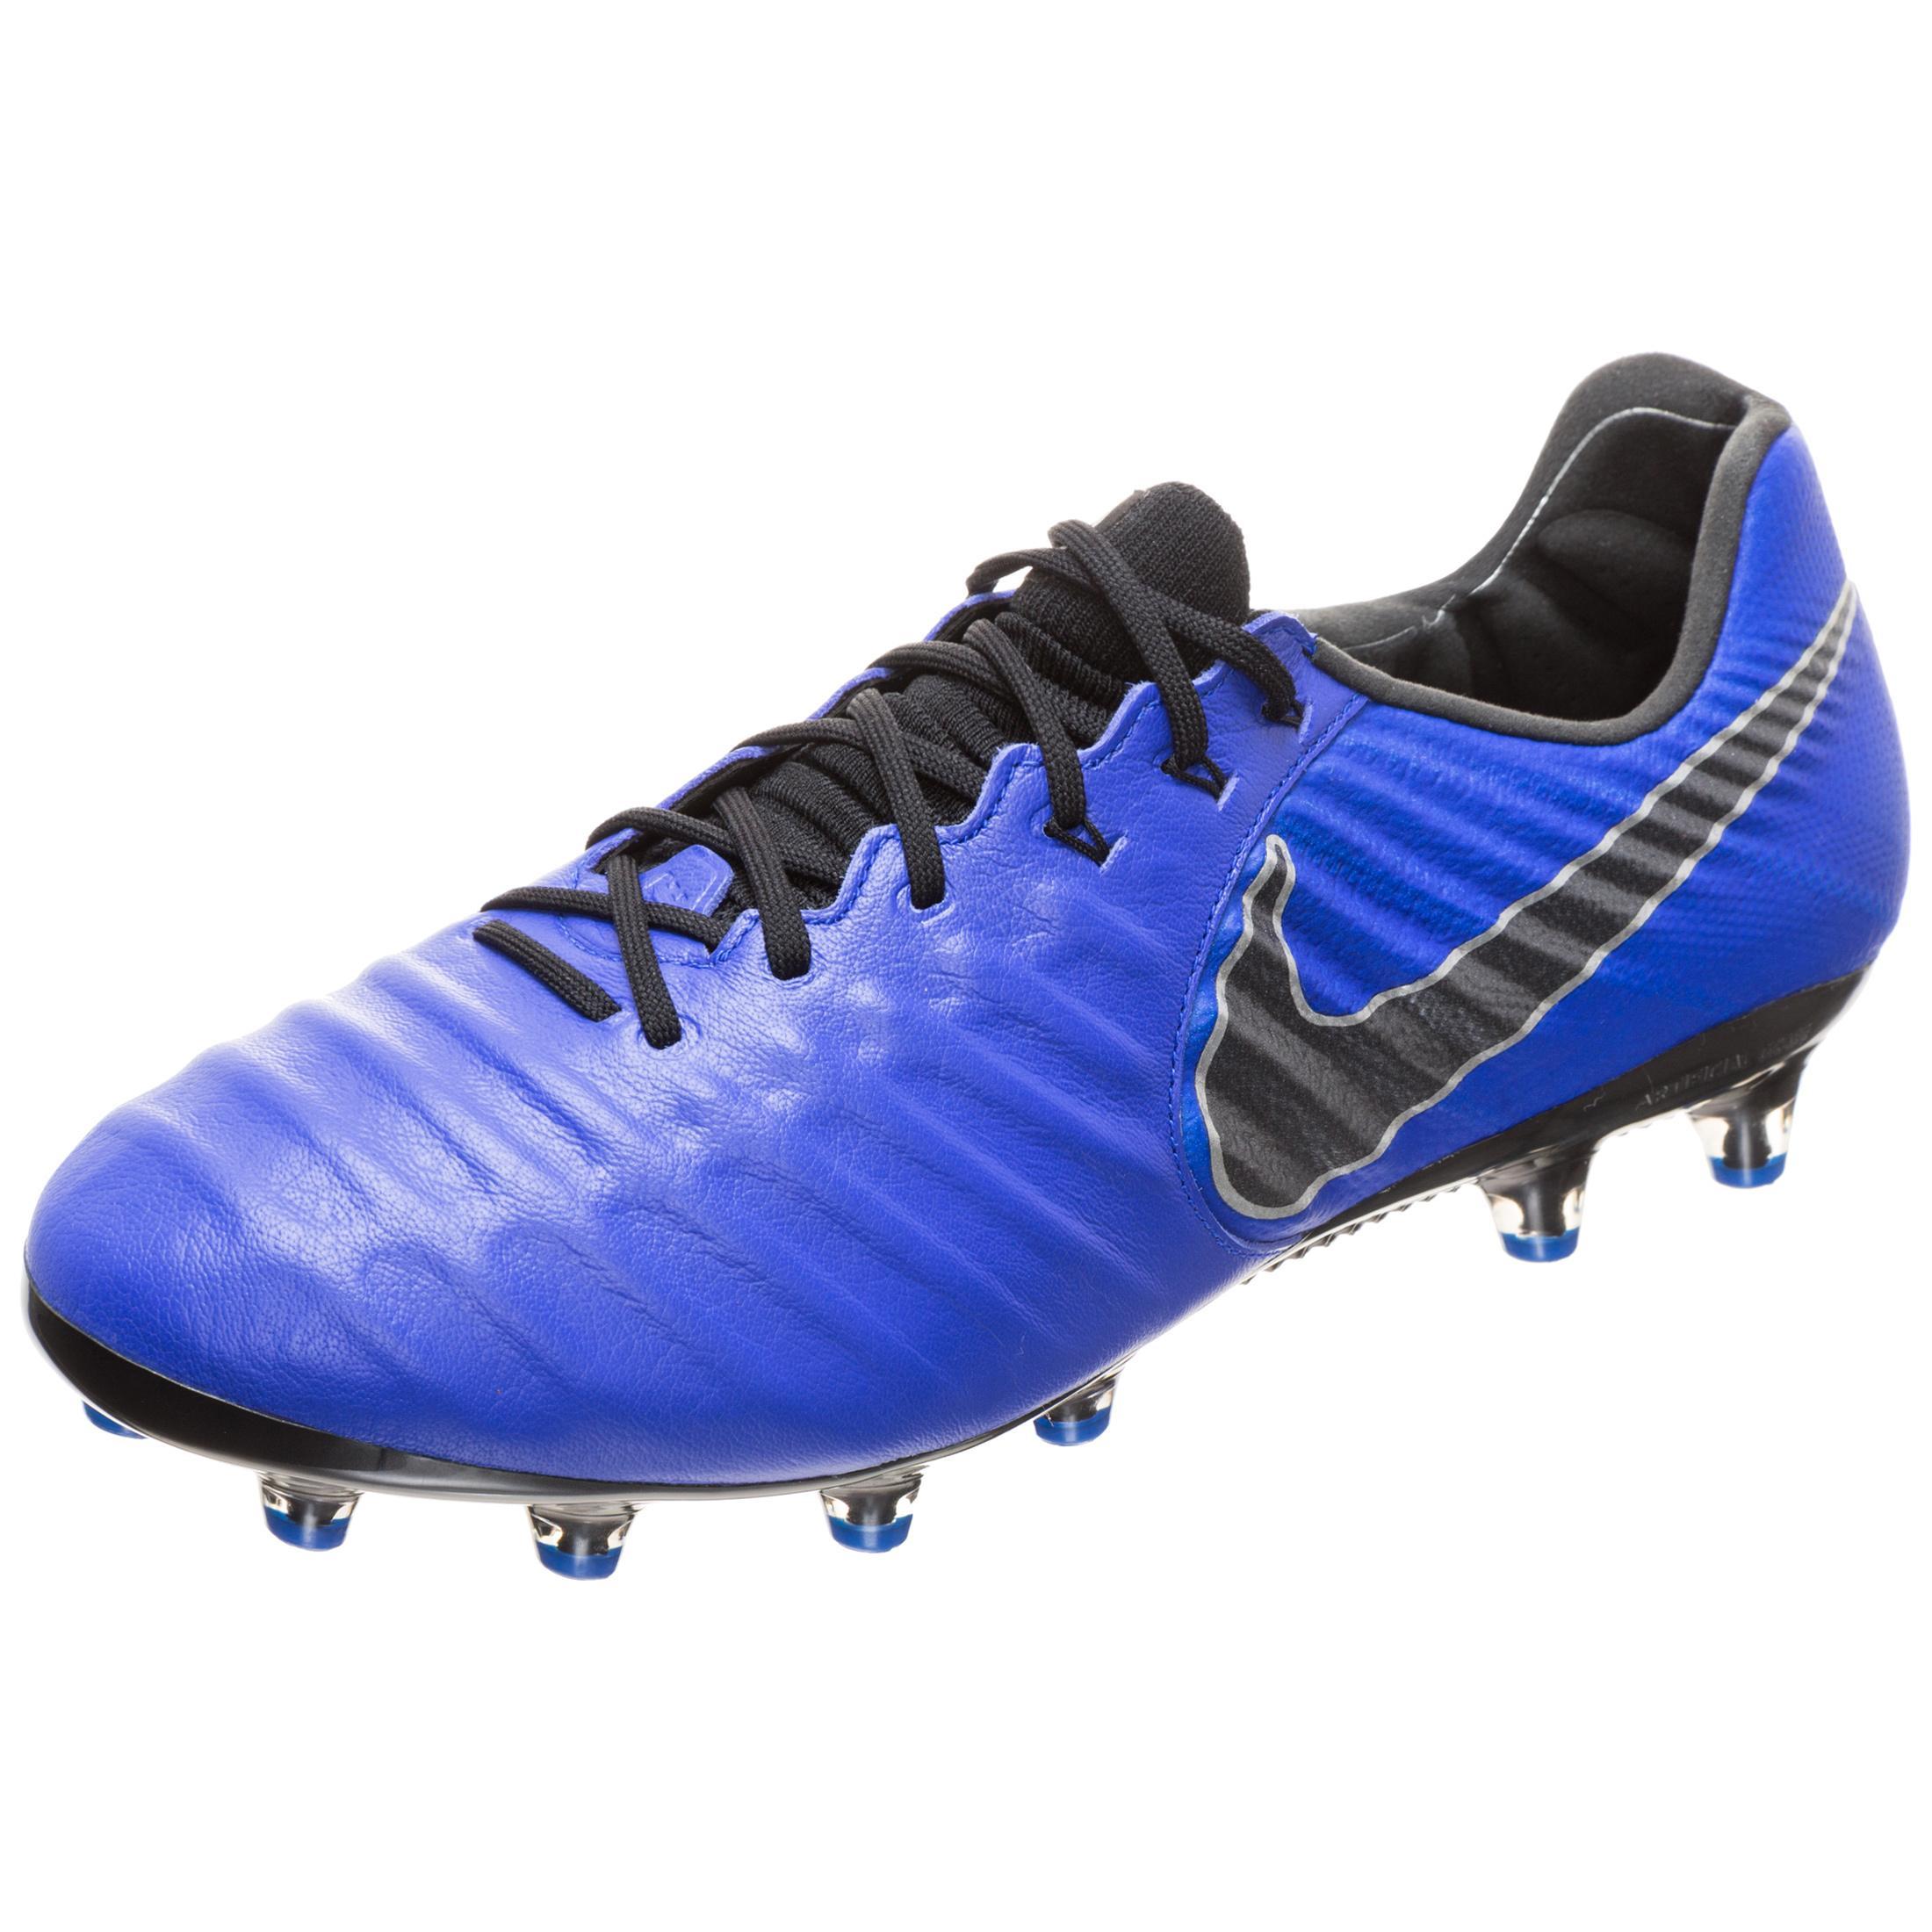 Nike Tiempo Legend Legend Legend VII Elite Fußballschuhe Herren blau / schwarz im Online Shop von SportScheck kaufen Gute Qualität beliebte Schuhe 9f9d8e